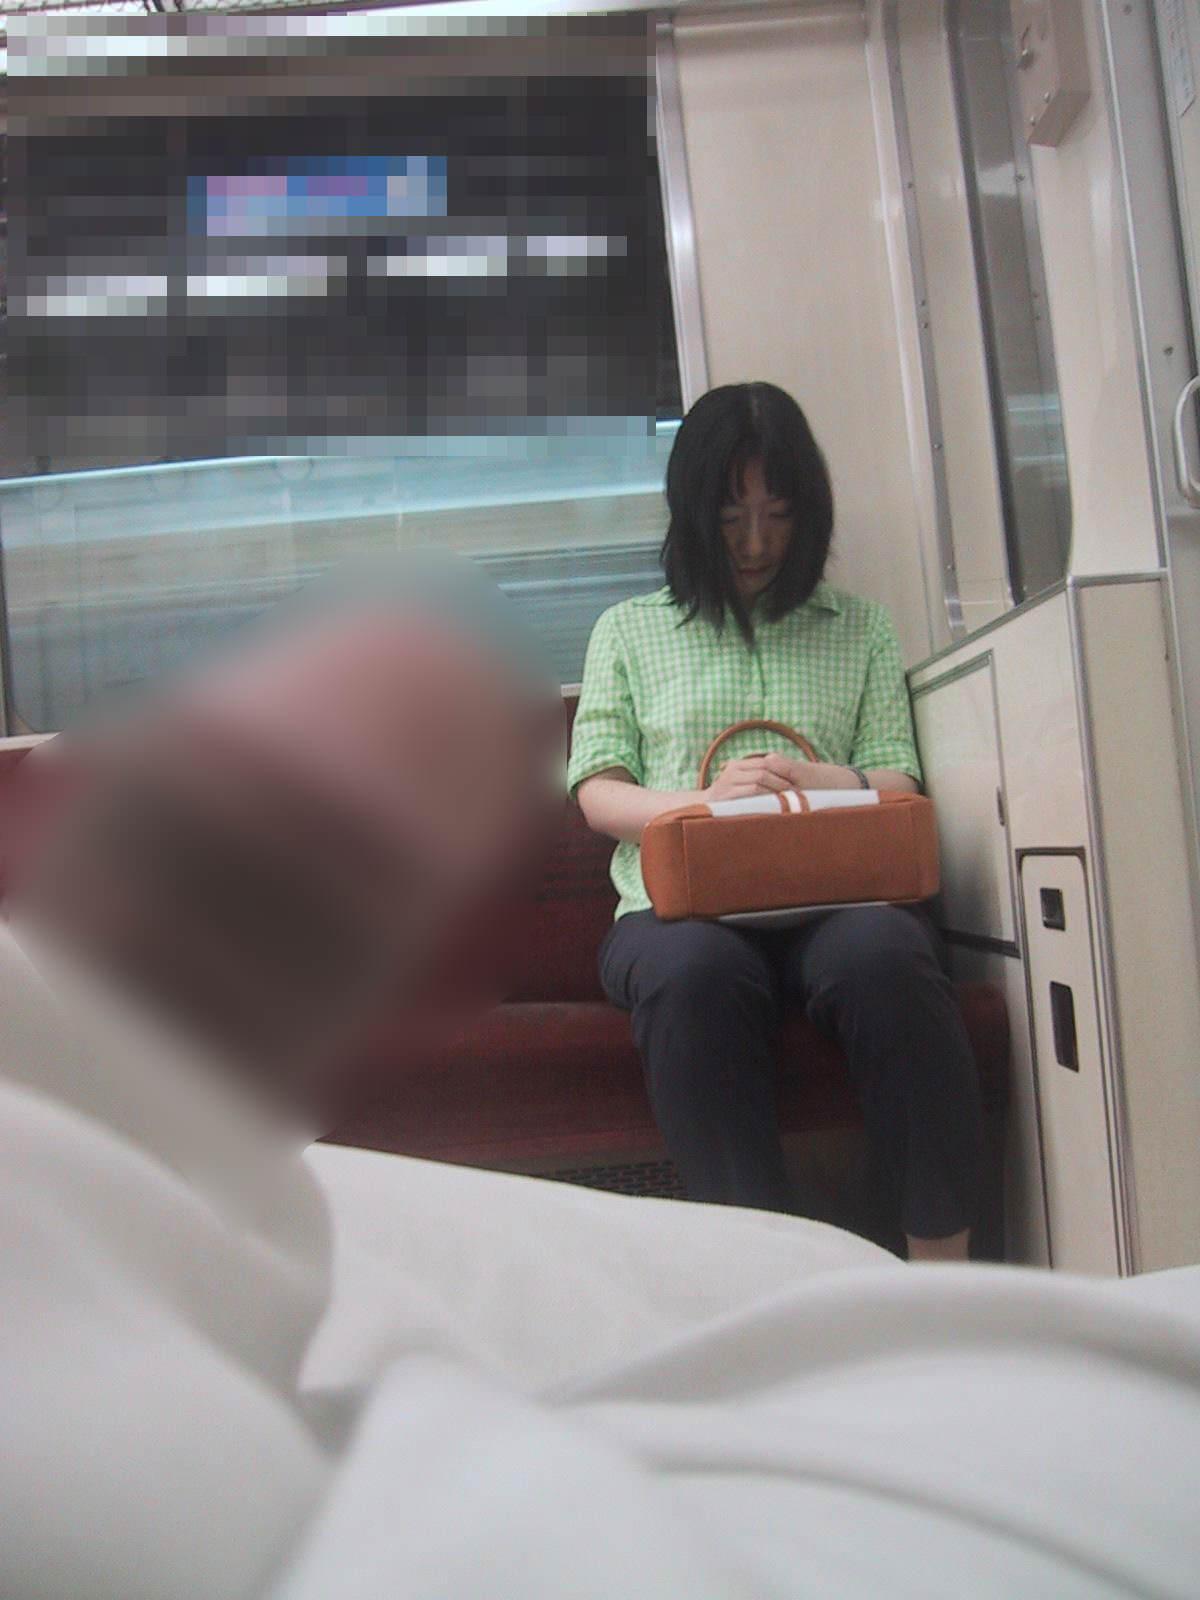 電車でちんこ出して痴漢するガチでヤバい奴現るwwwwwwwwww 0662